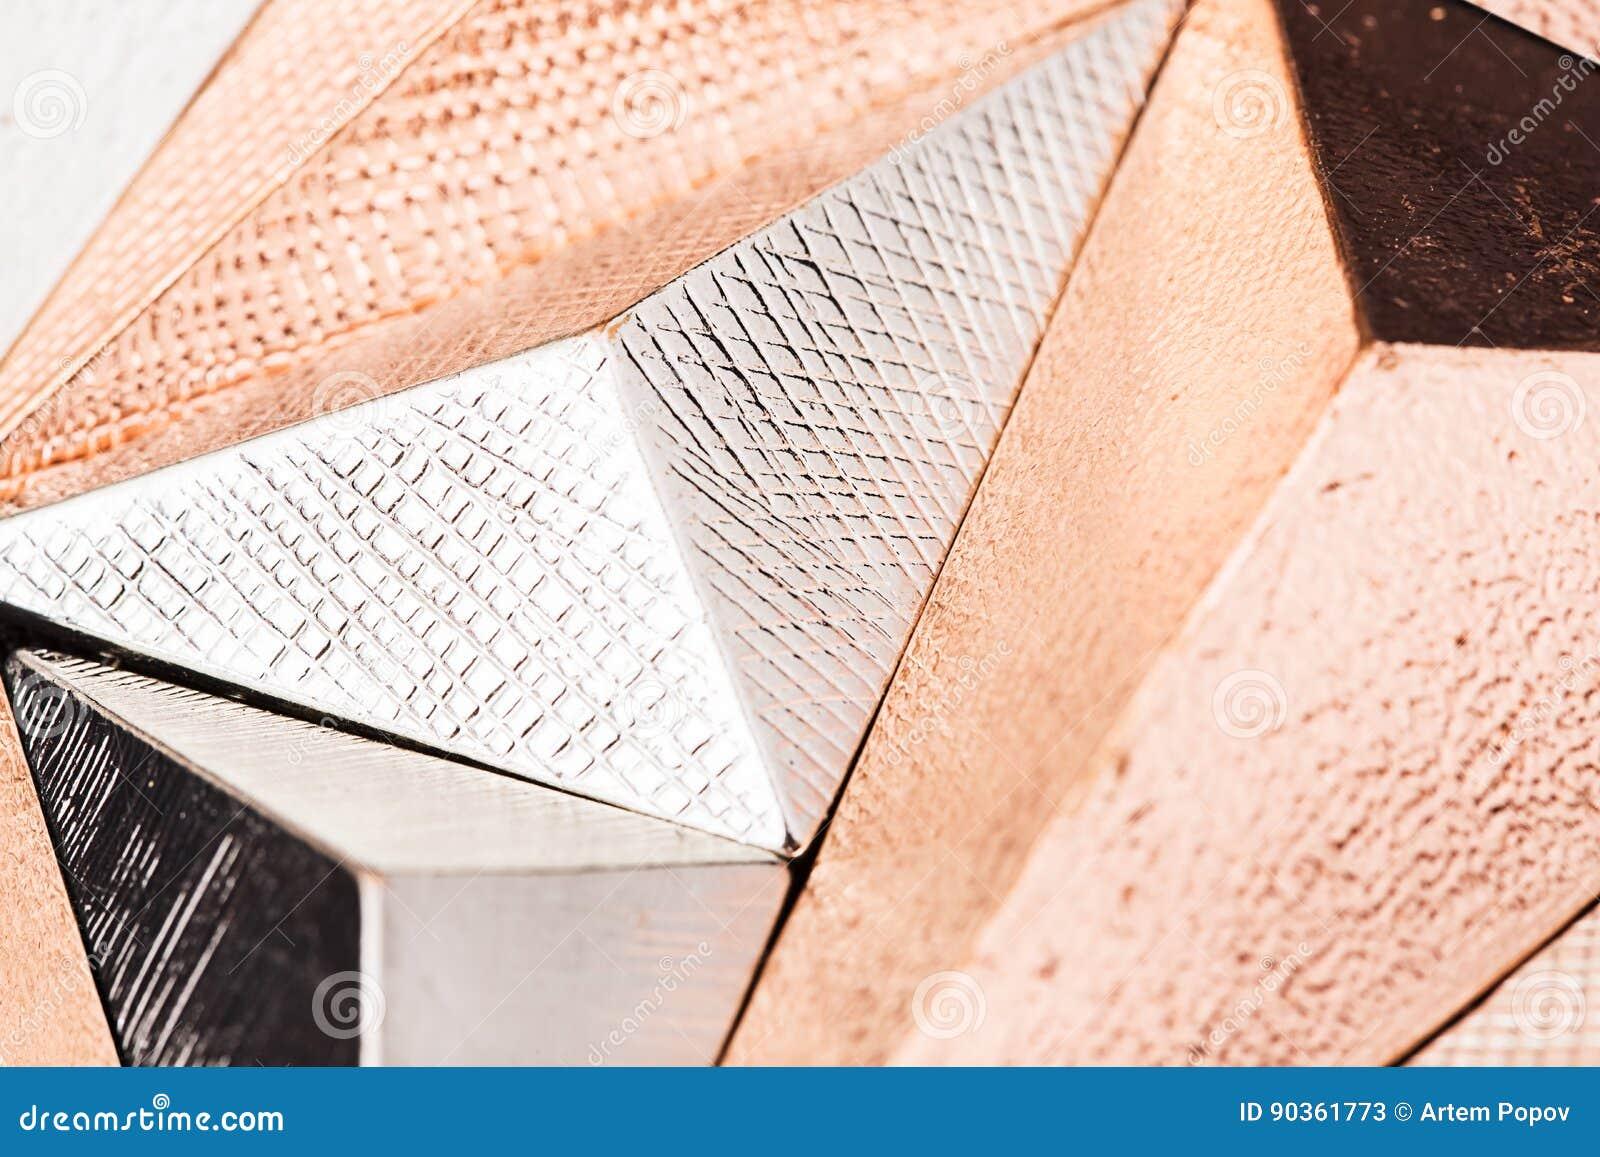 Macro résumé métallique tridimensionnel